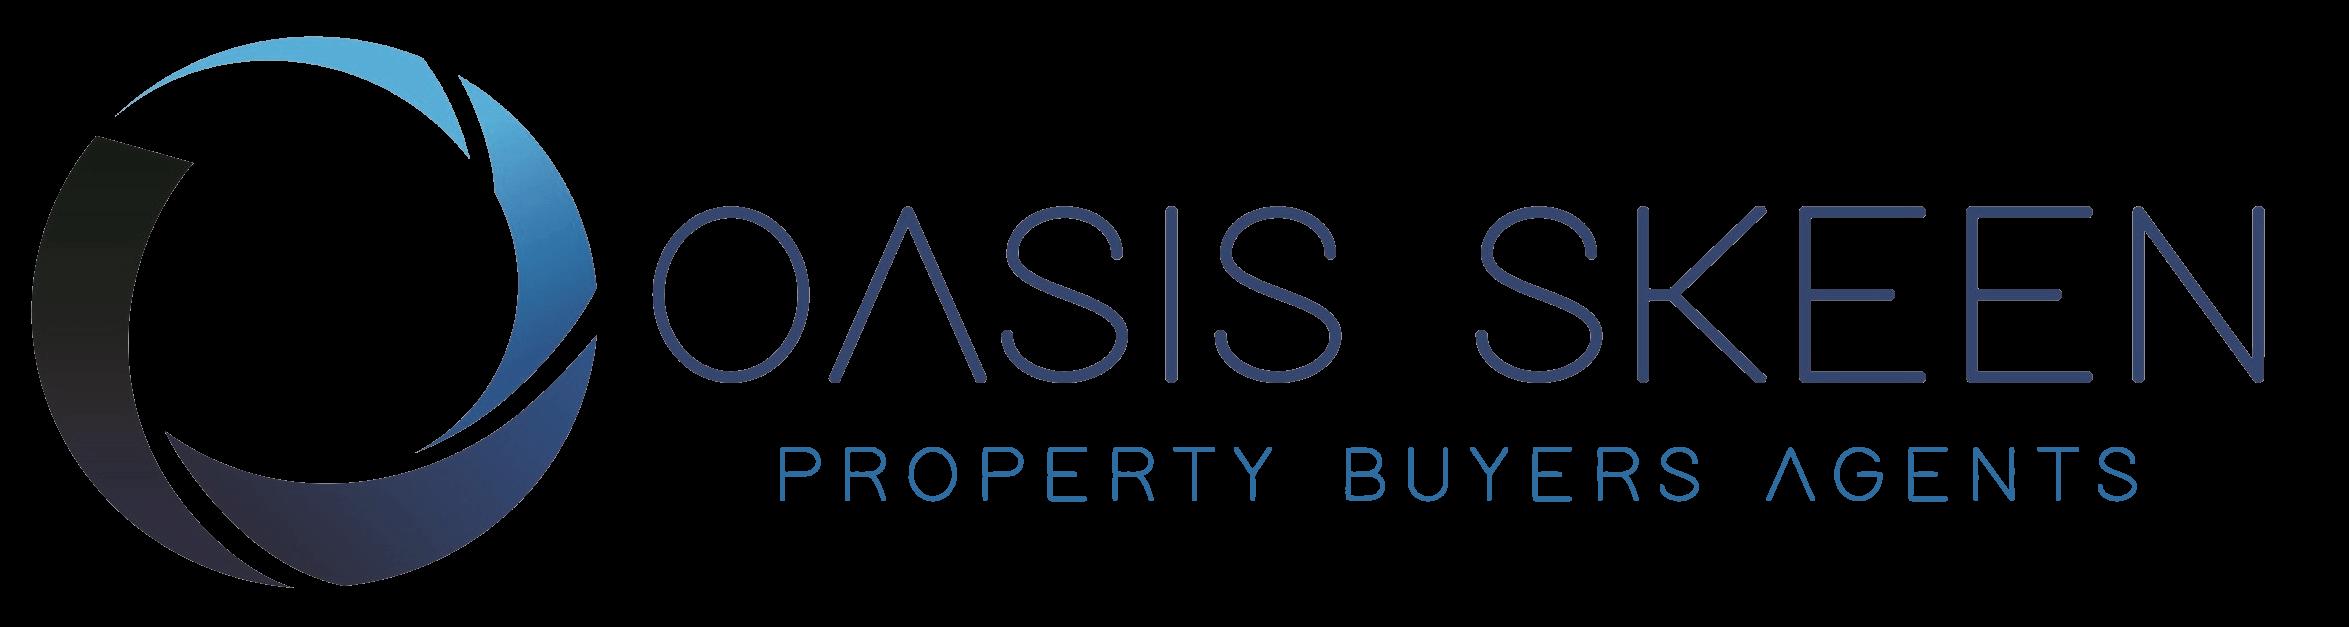 Oasis Skeen Property